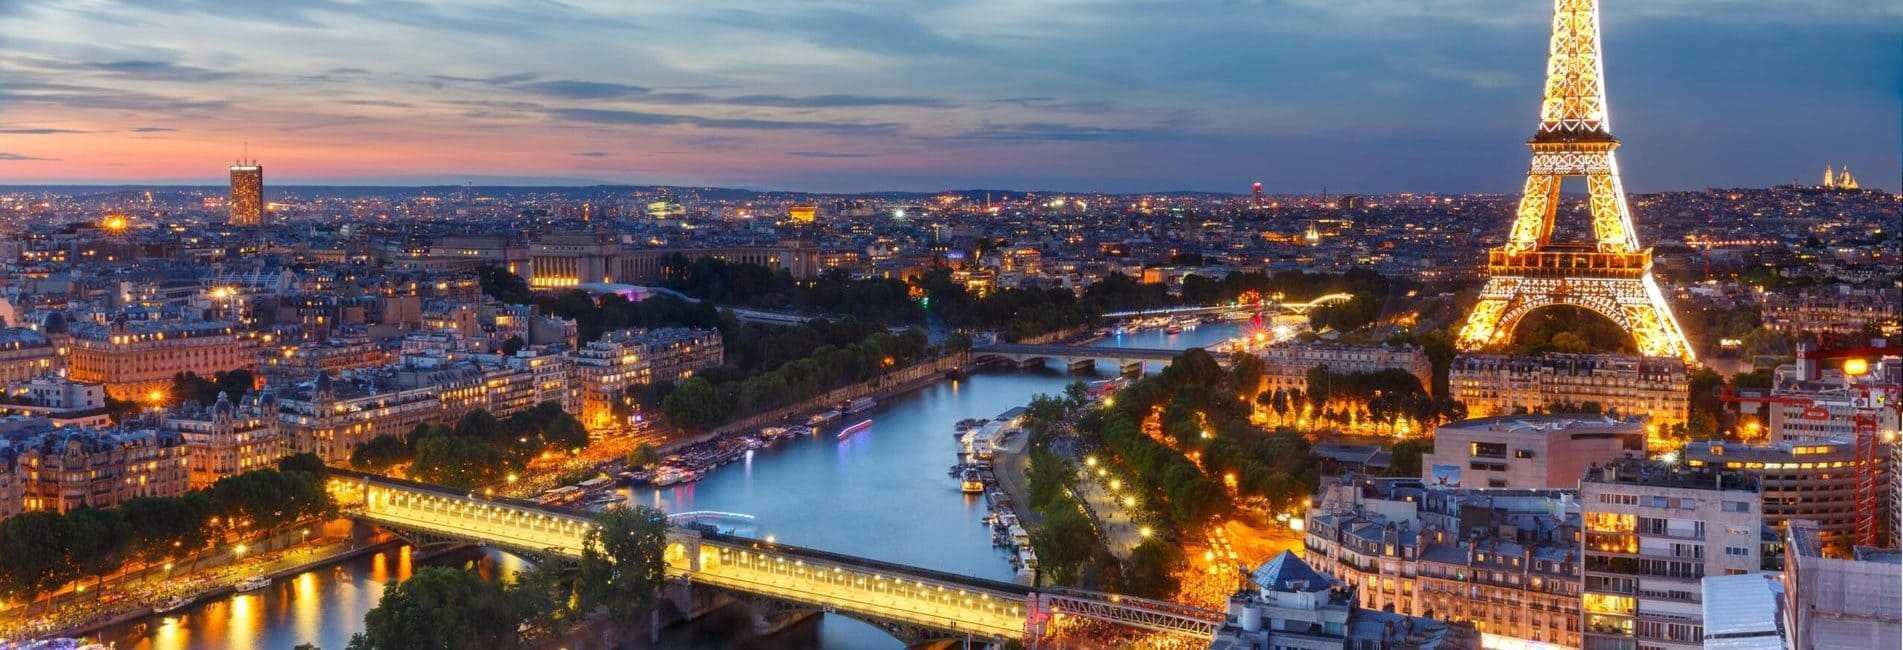 Vue panoramique de la Tour Eiffel